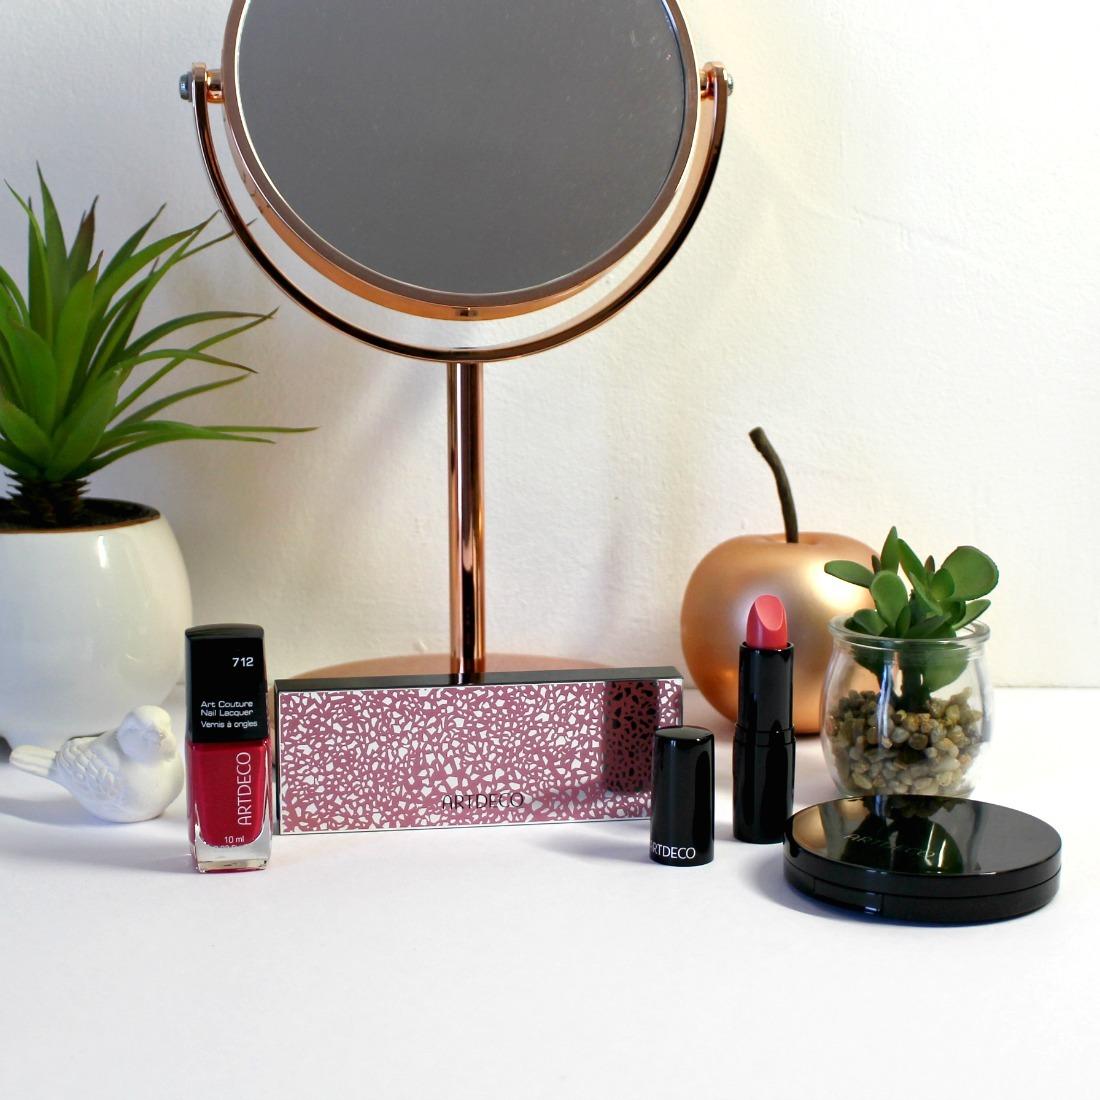 Make-up Artdeco : des Nouveautés pour l'été !